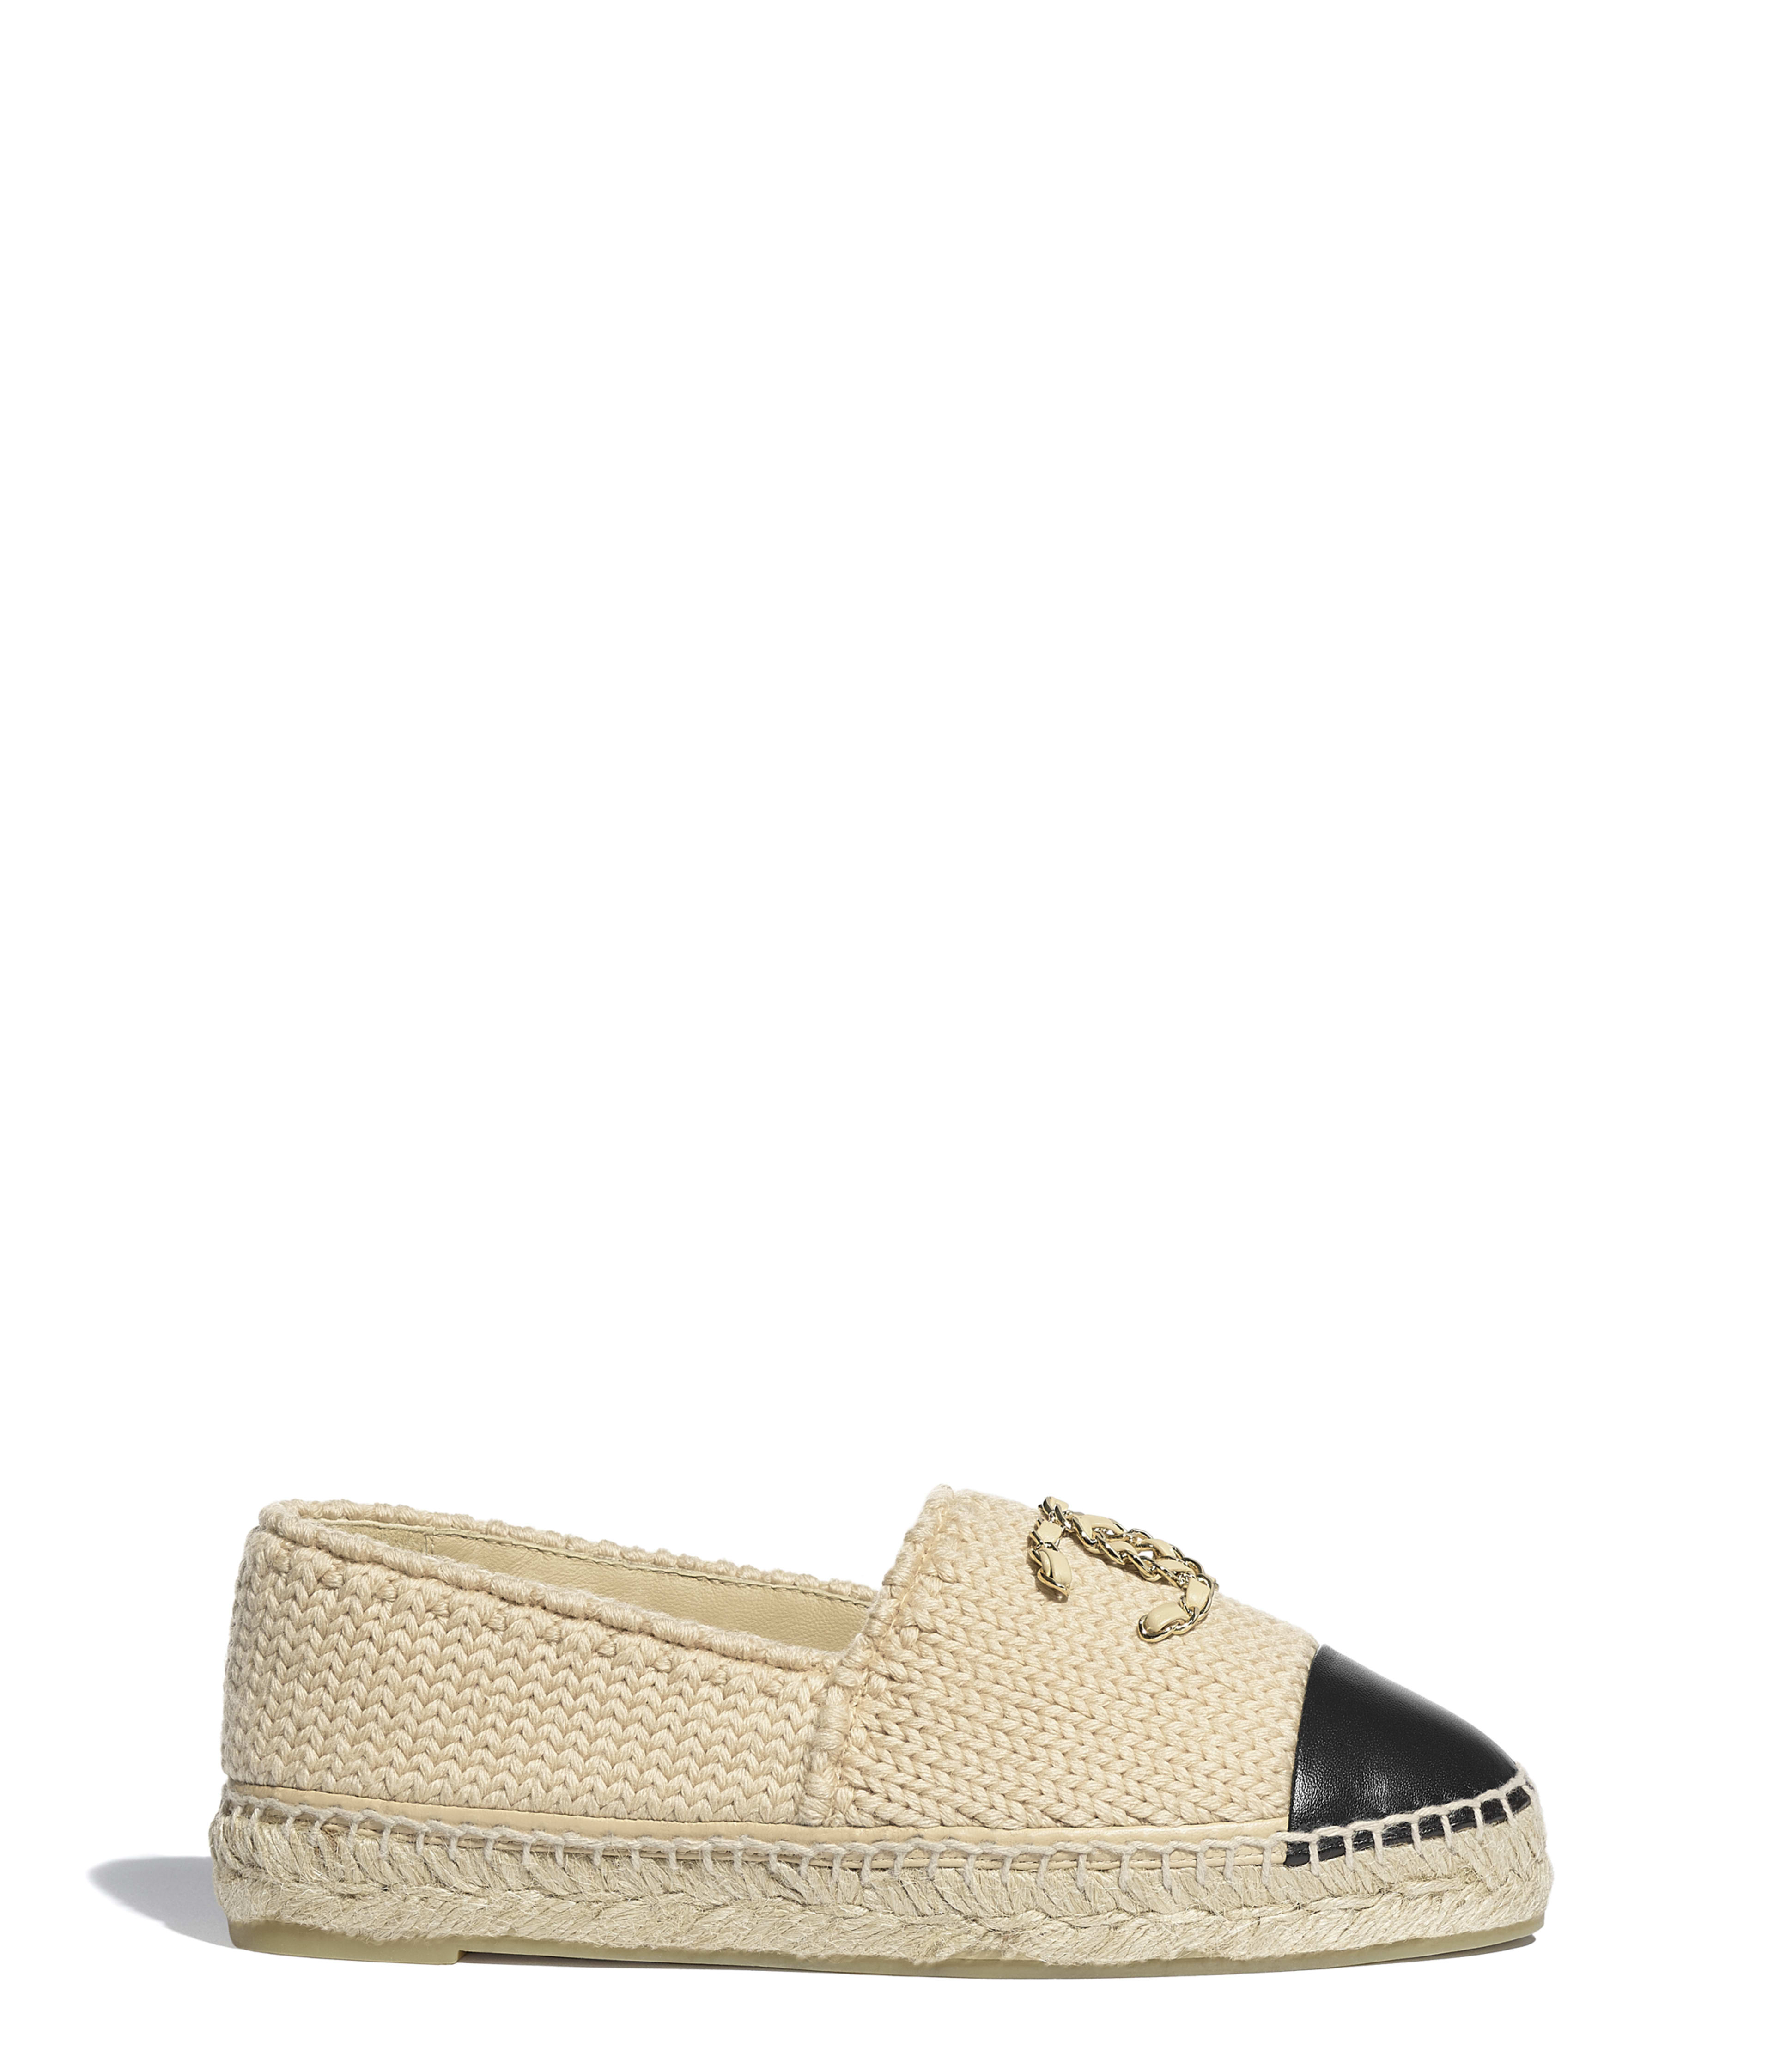 Espadrilles - Shoes | CHANEL